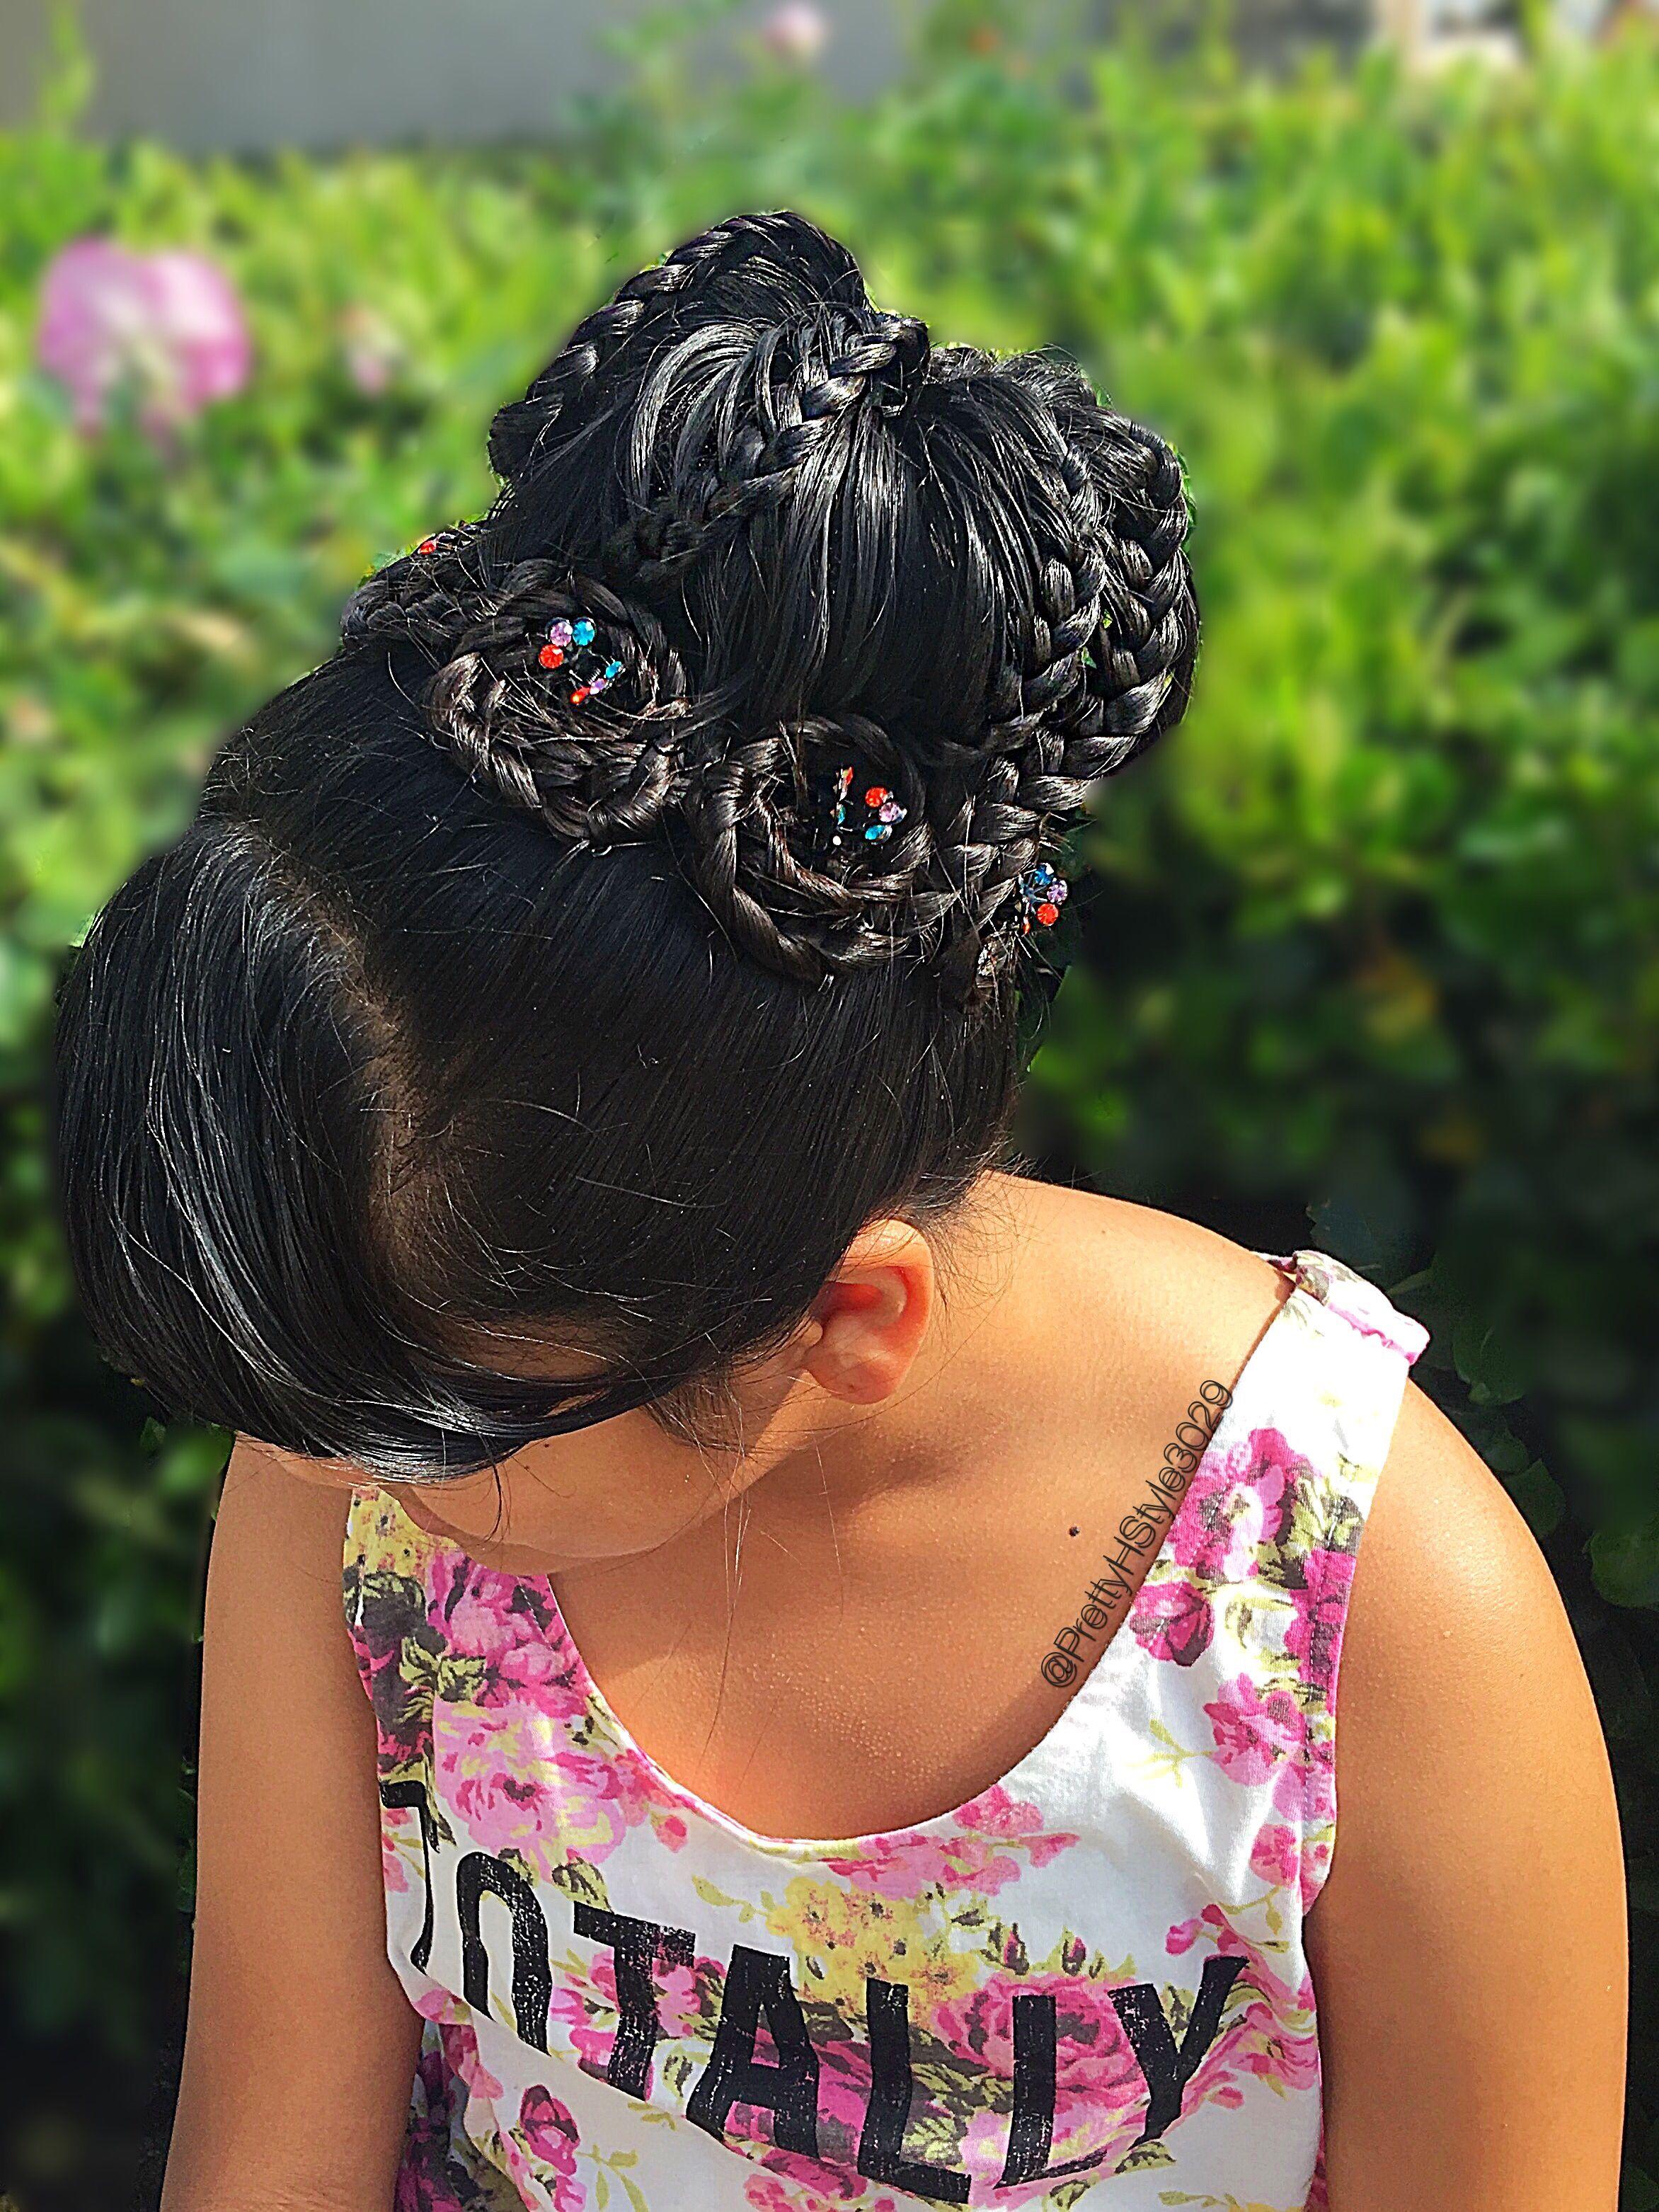 By @PrettyHStyle3029 #lacebraid #braids #trenzado #peinado #solopeinados #hair #hairstyle #peinadoparaniñas #updo #lacebun #hairflowers